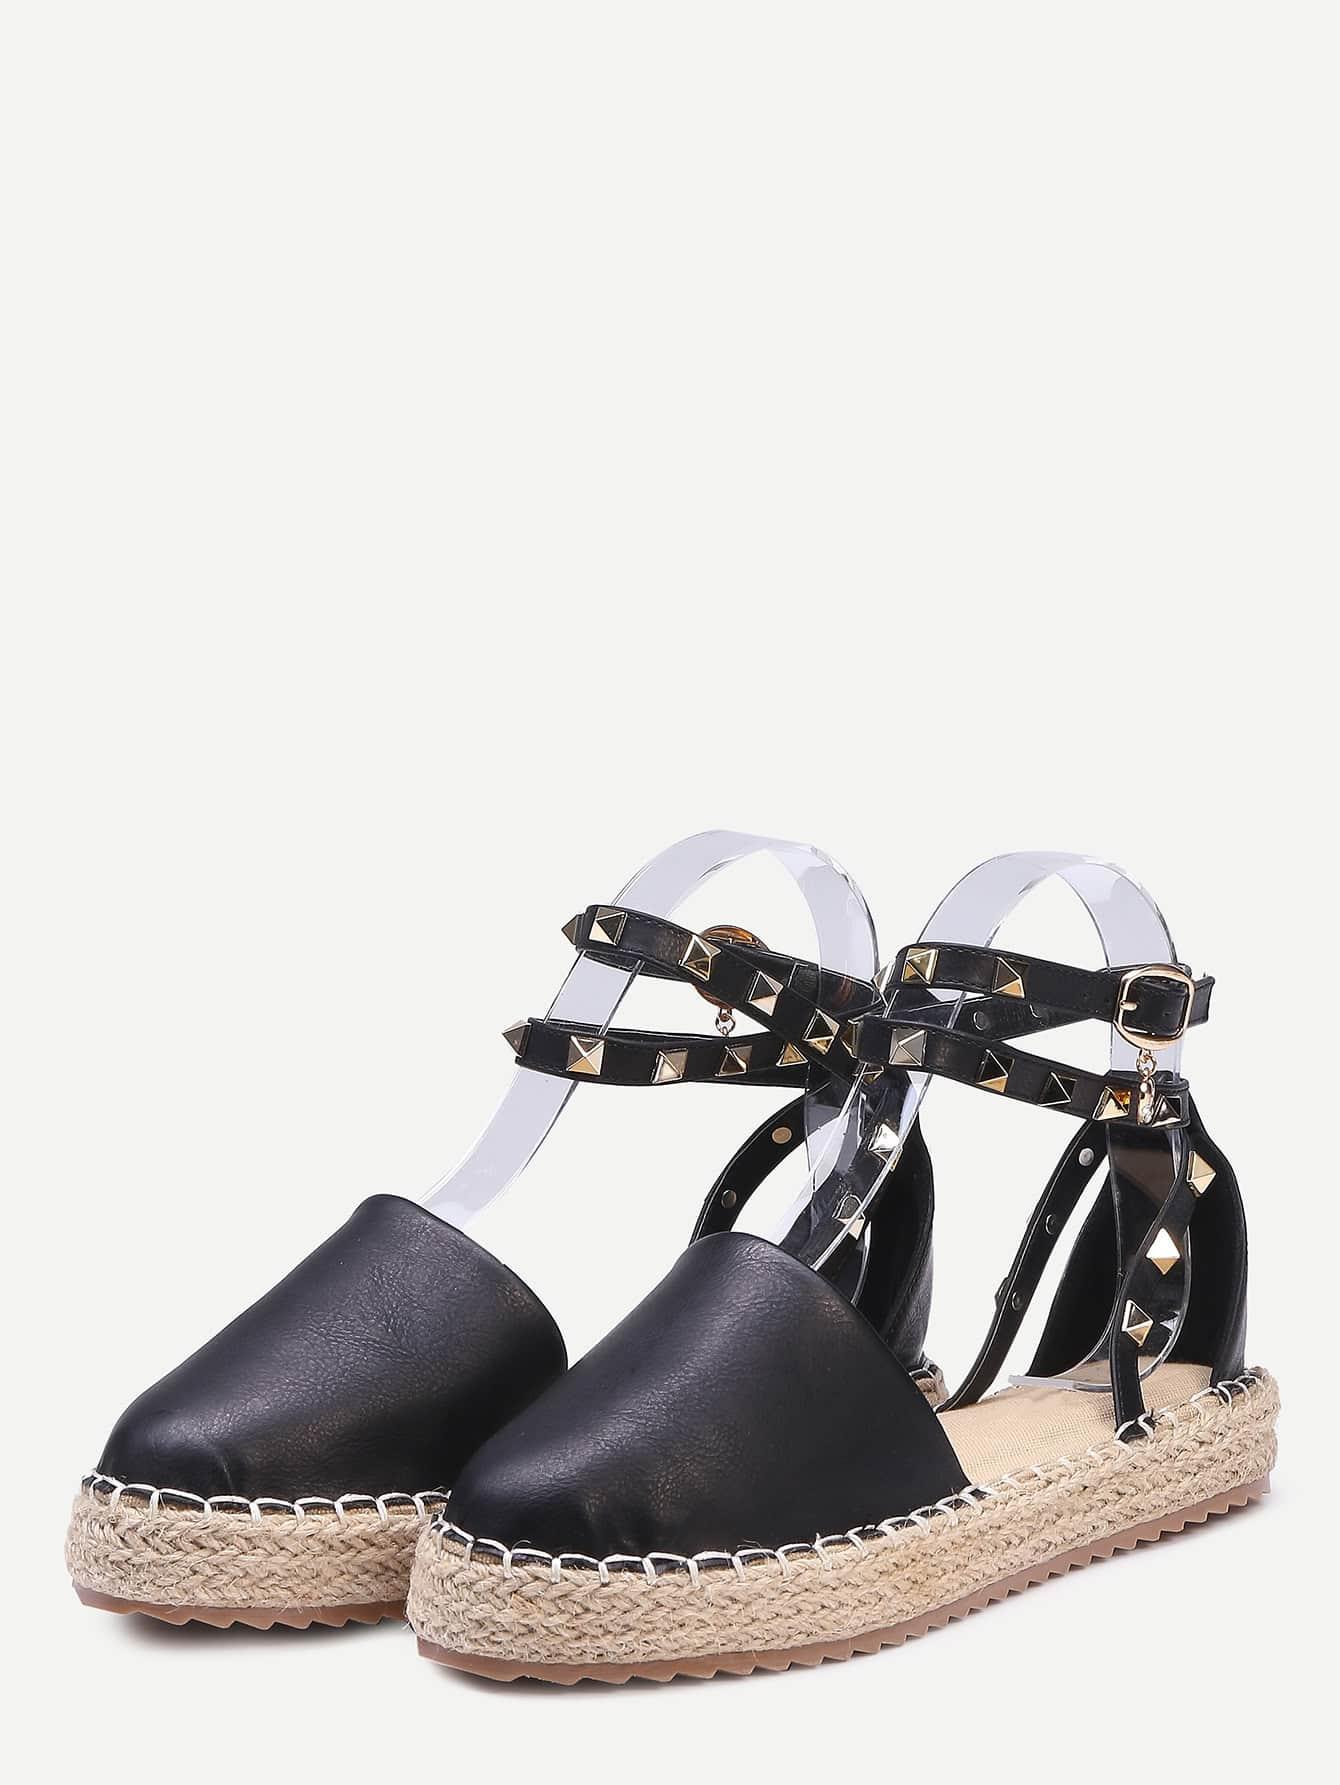 shoes160802804_2